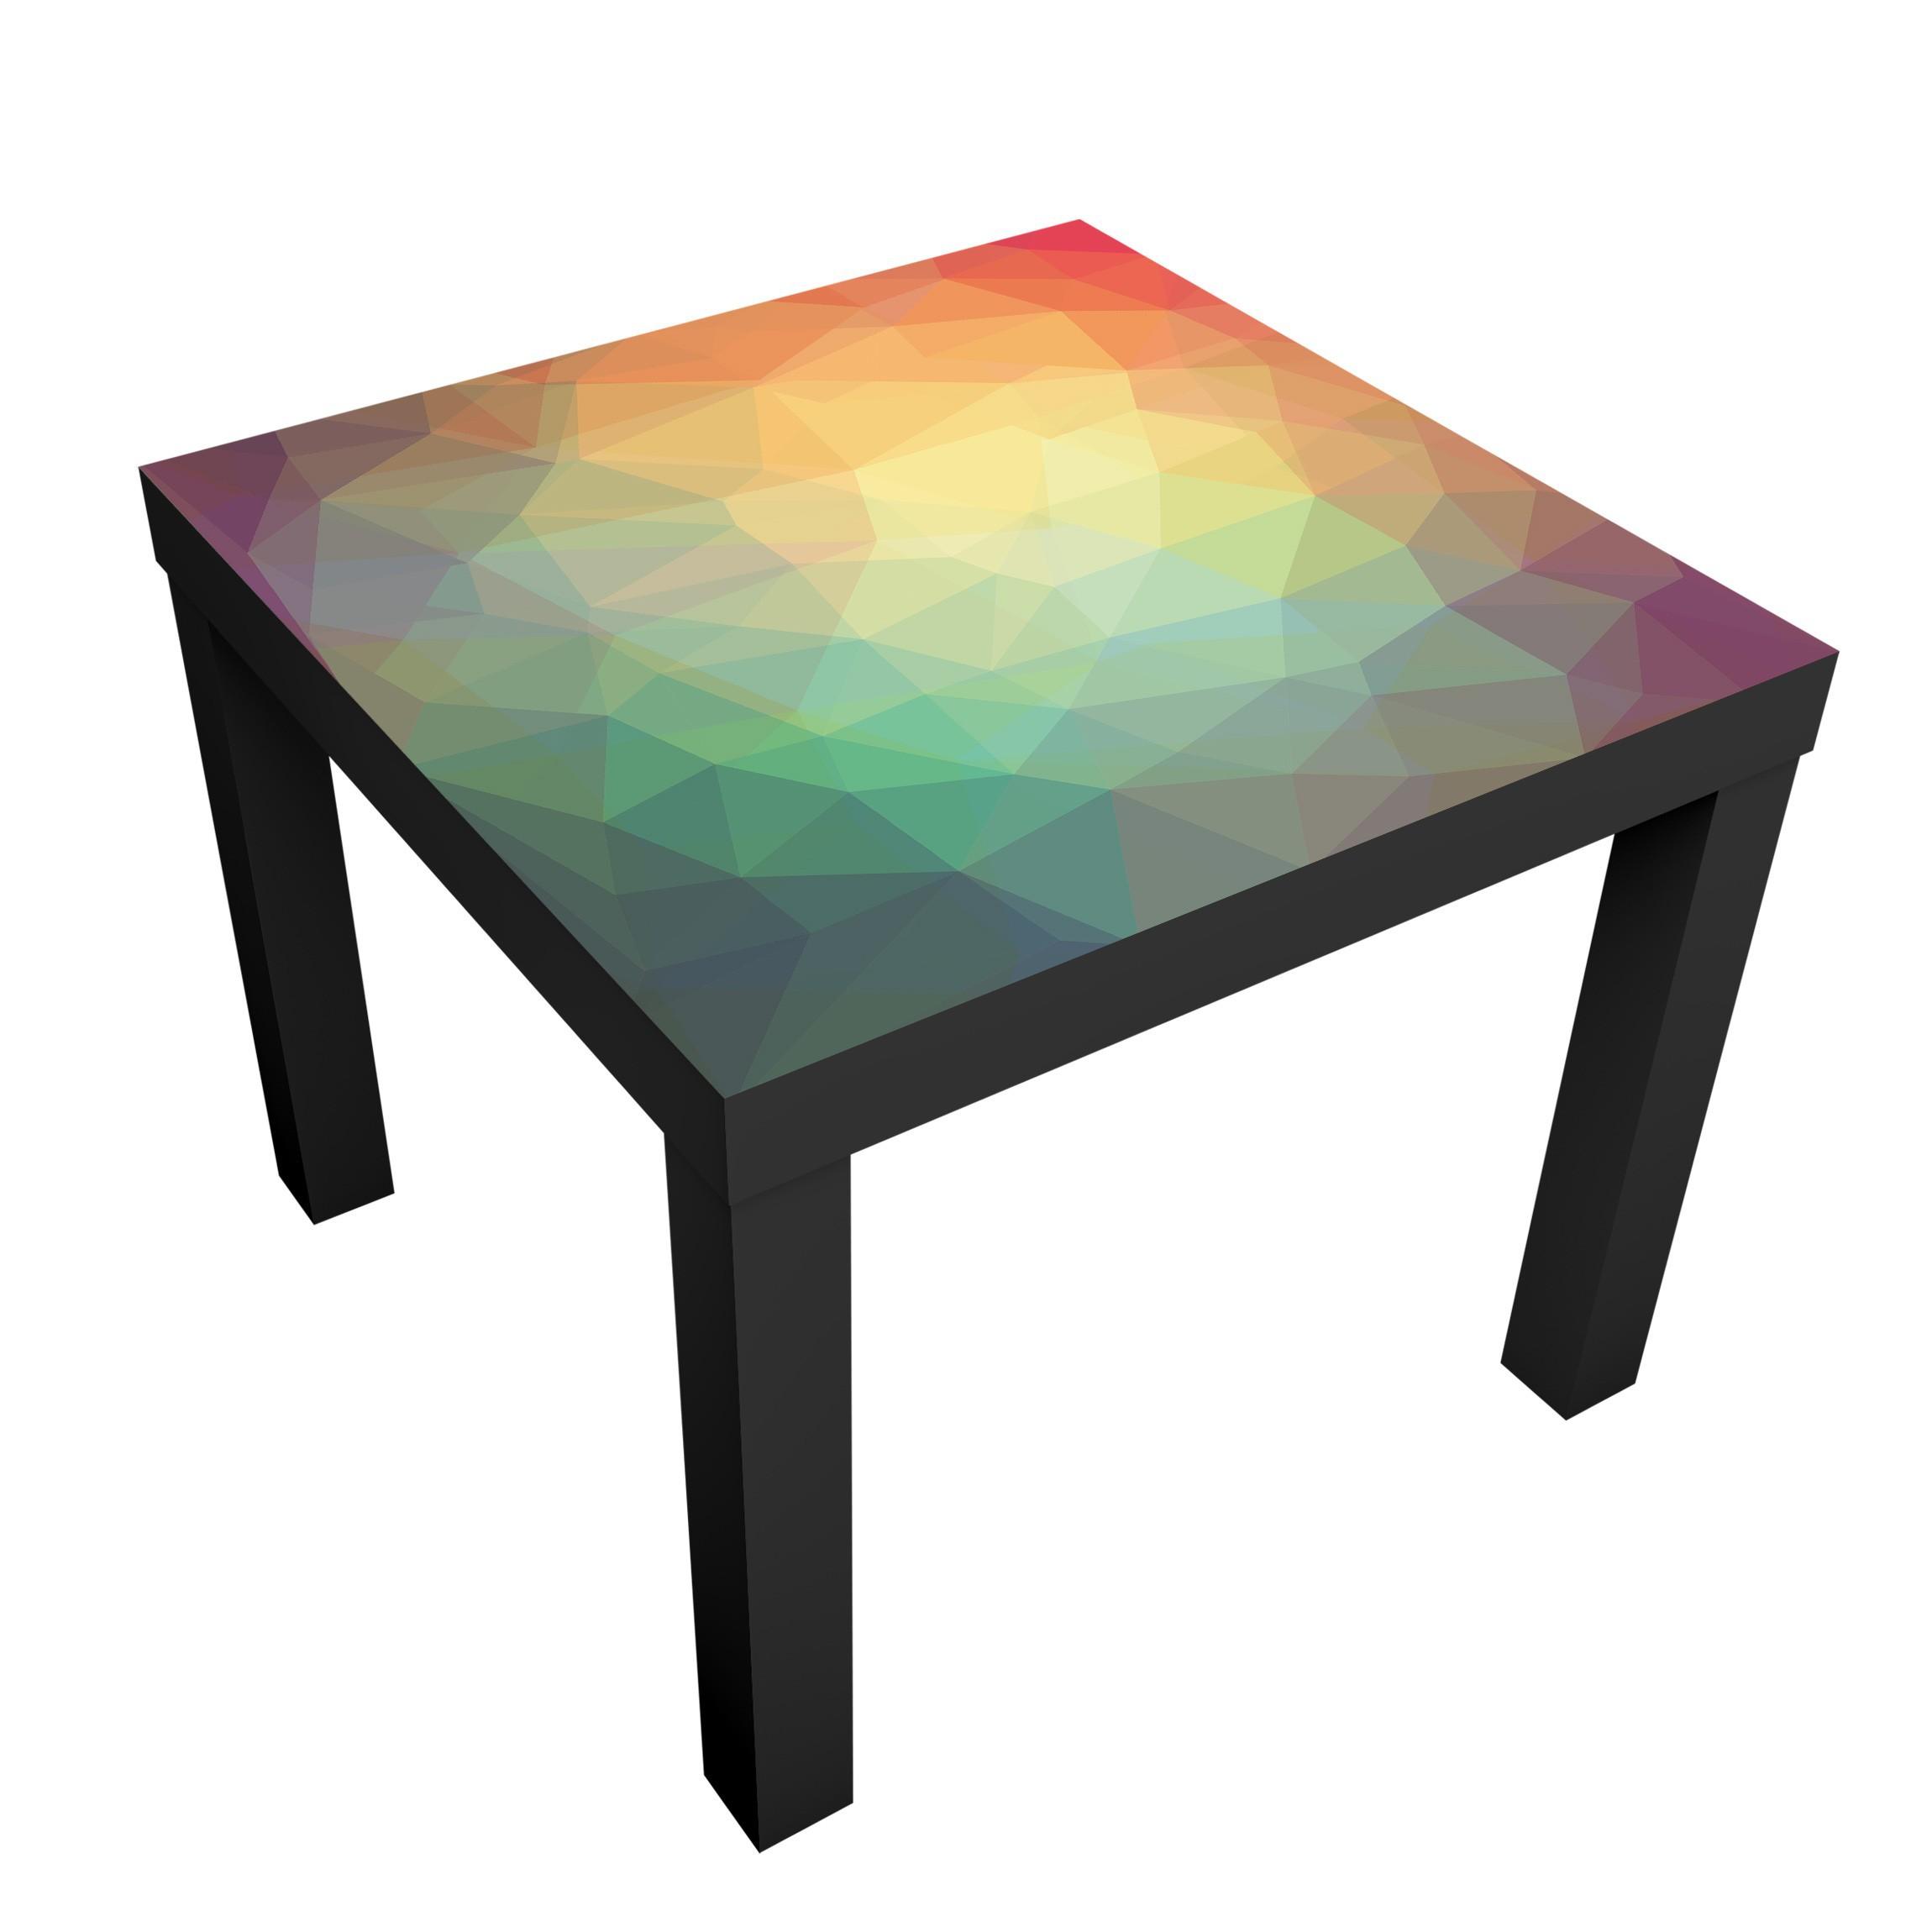 Design tisch no ry32 triangular tische bunt for Designer tisch